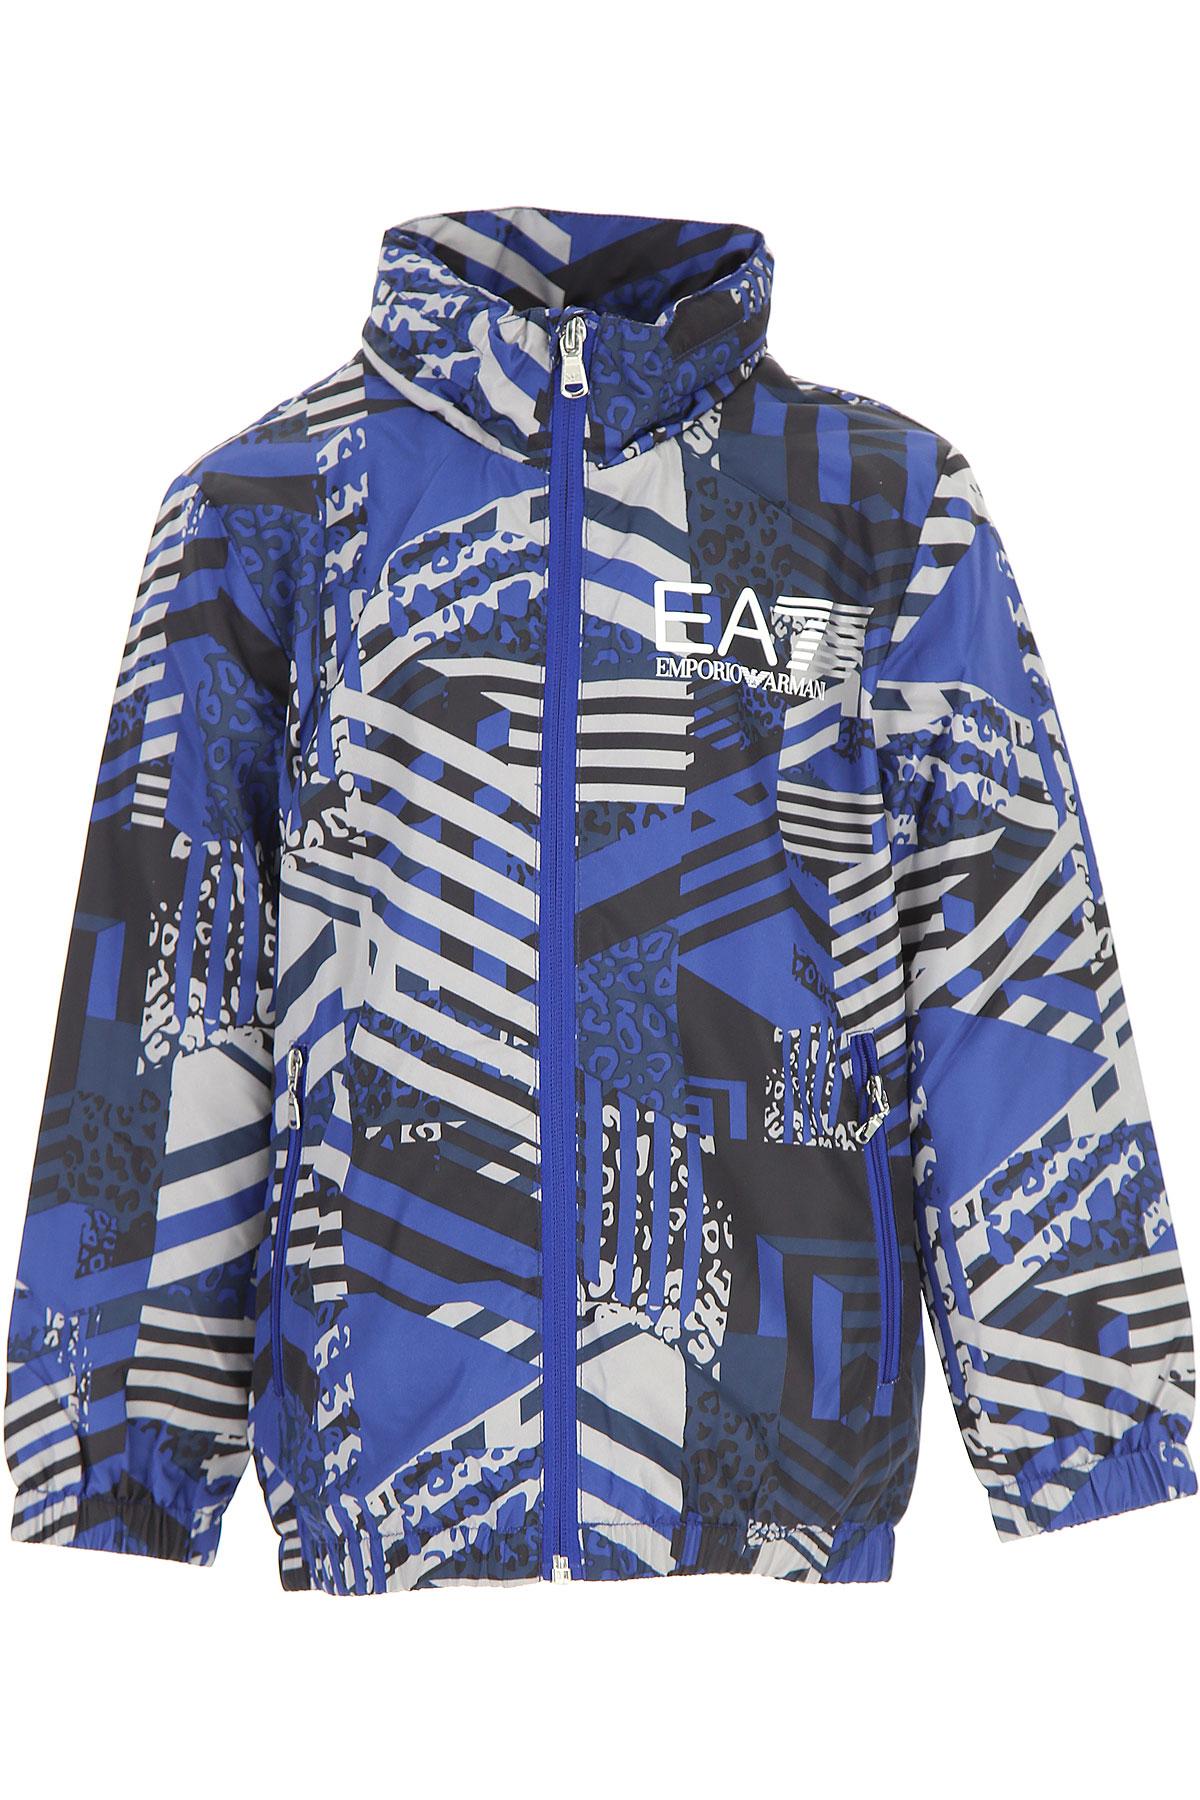 Image of Emporio Armani Kids Jacket for Boys On Sale, Blue, polyester, 2017, 10Y 4Y 6Y